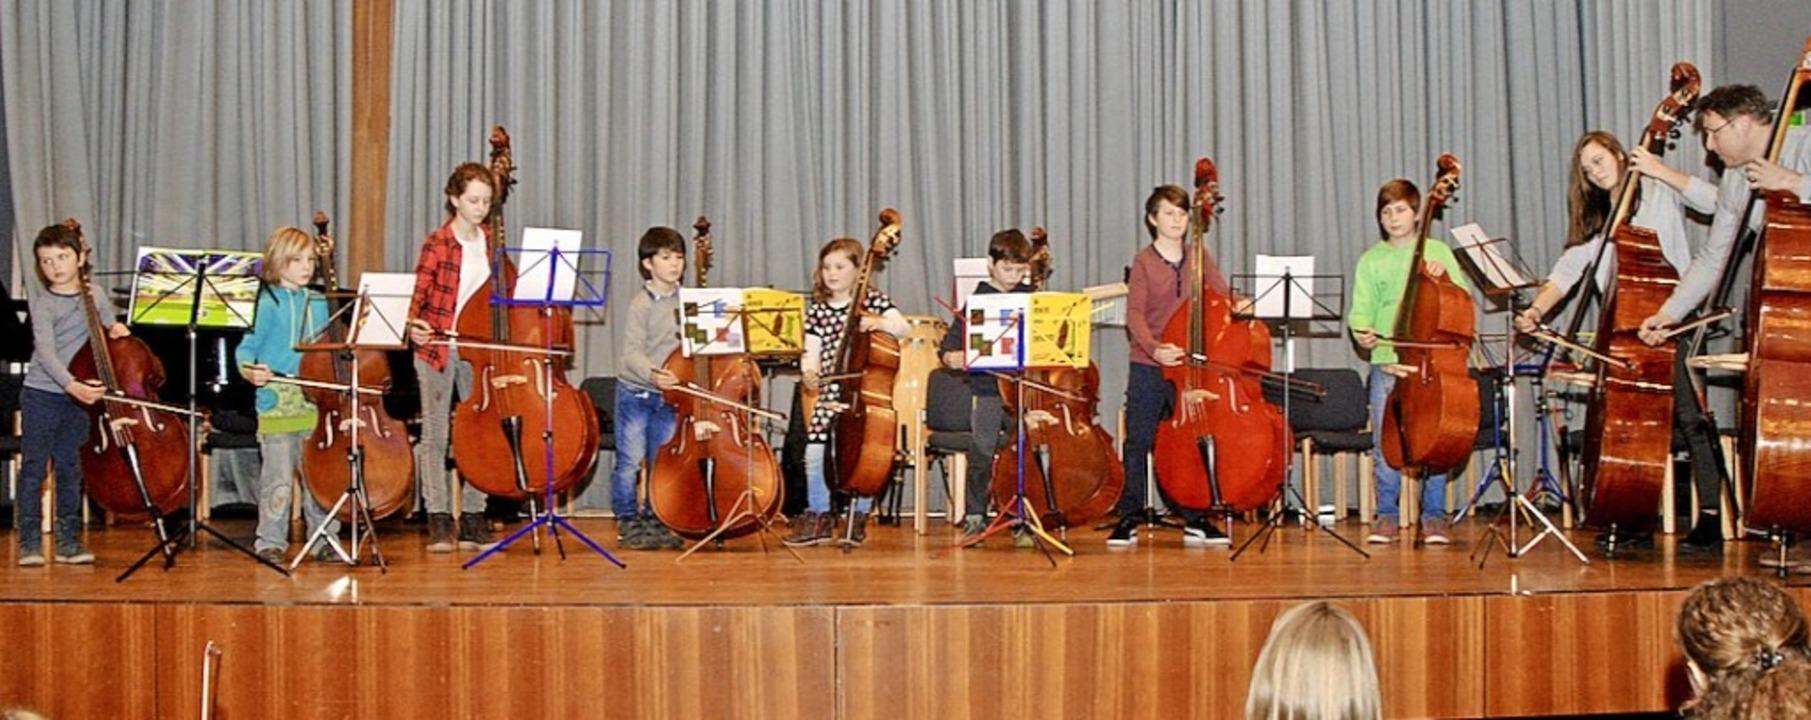 Kontrabass-Orchester unter Leitung von  Markus Lechner im Bad Krozinger Kurhaus   | Foto: Friederike Zimmermann (Jugendmusikschule Südlicher Breisgau)